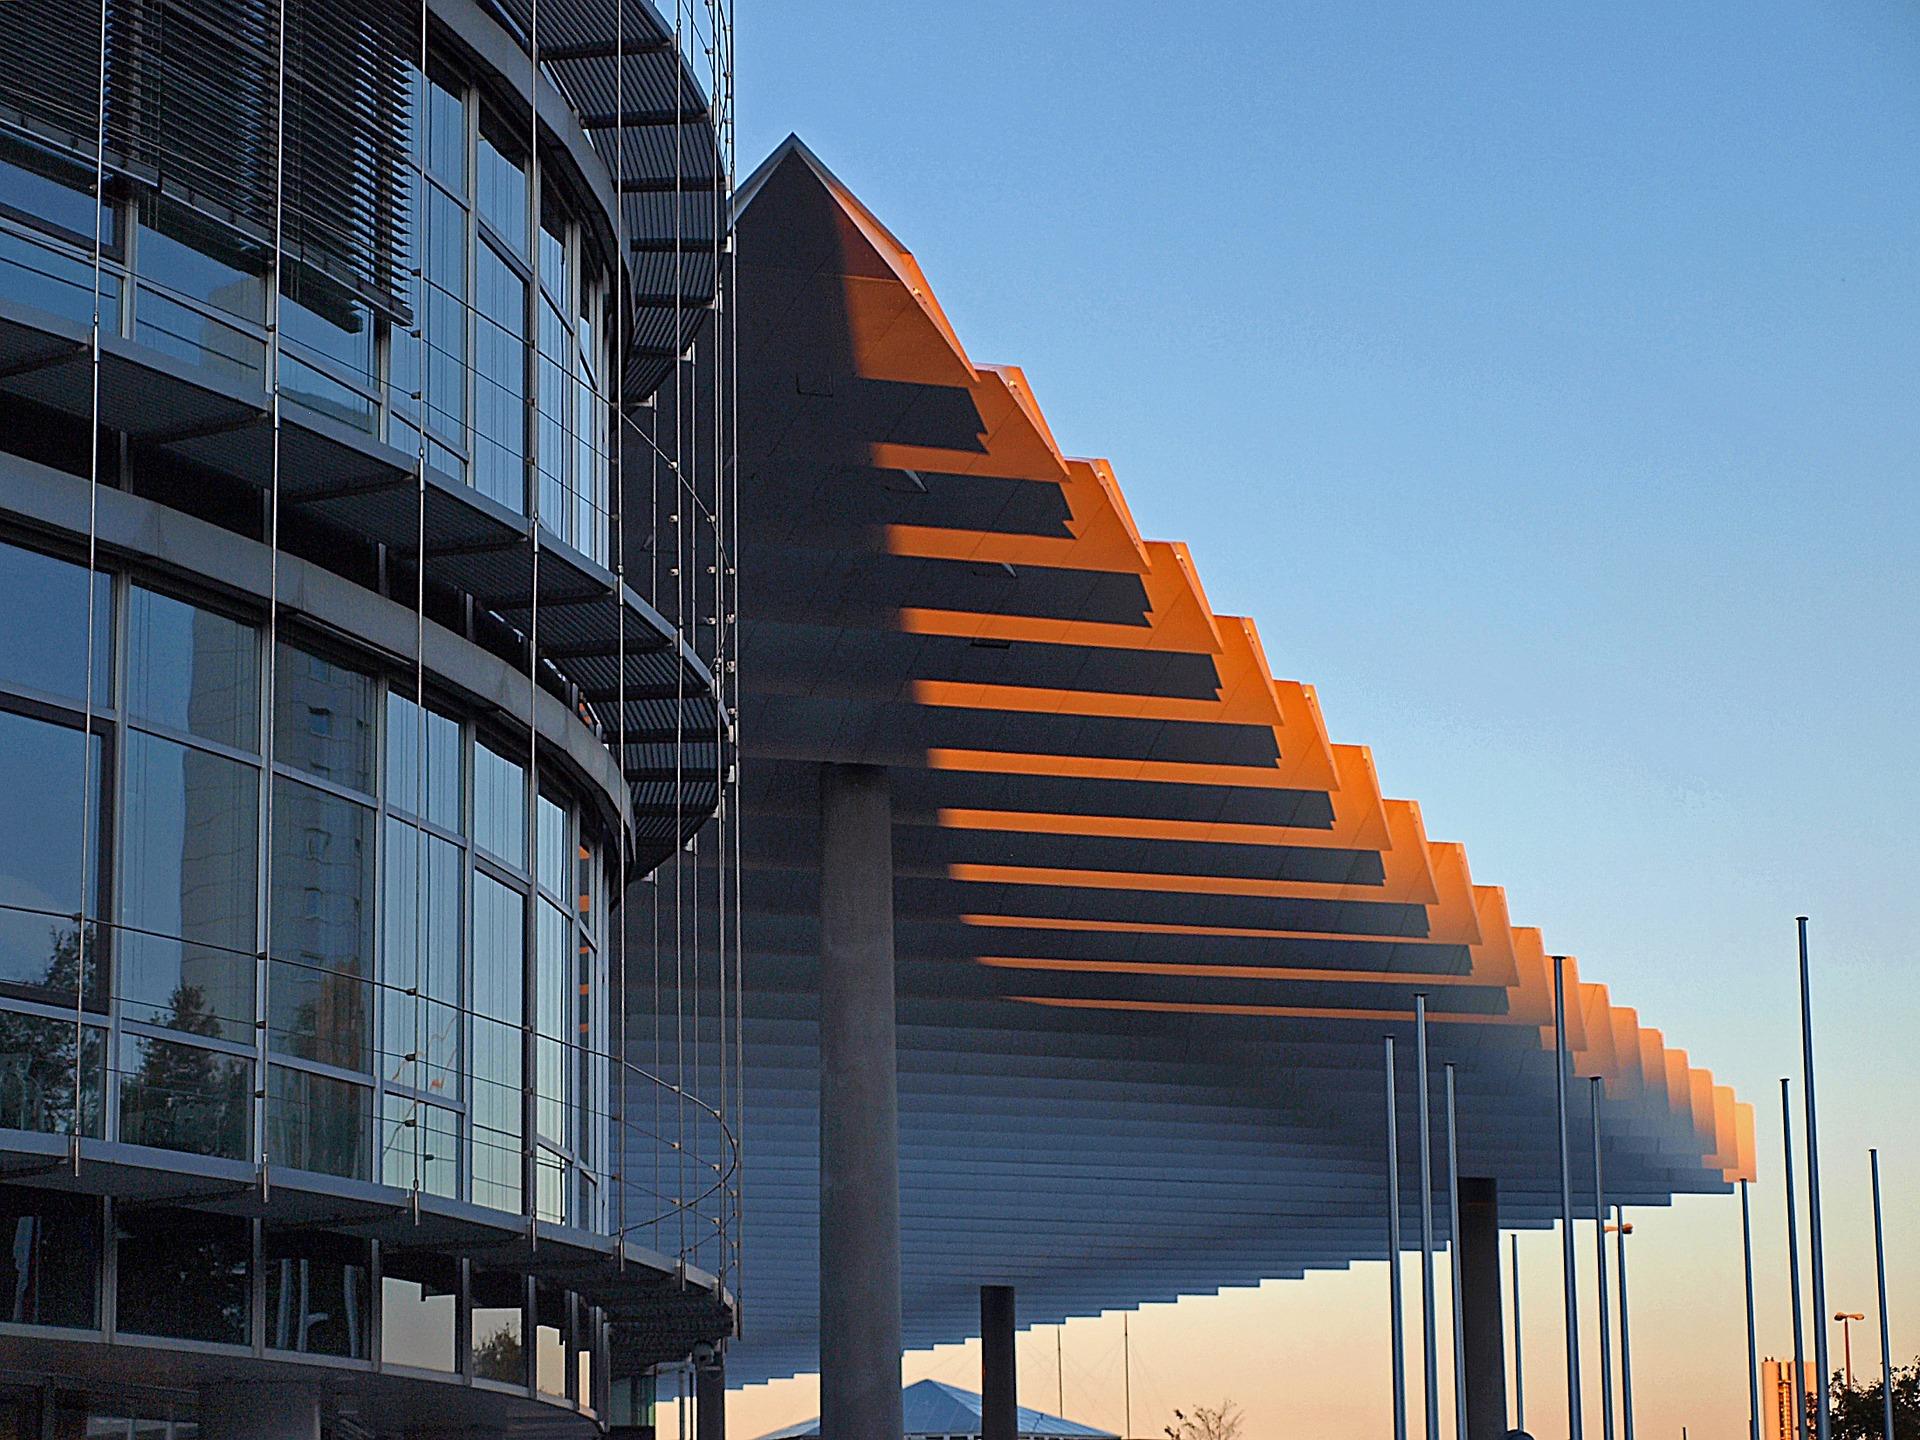 جناح فرنسا في إكسبو دبي Expo Dubai  يطبق أهداف التنمية المستدامة